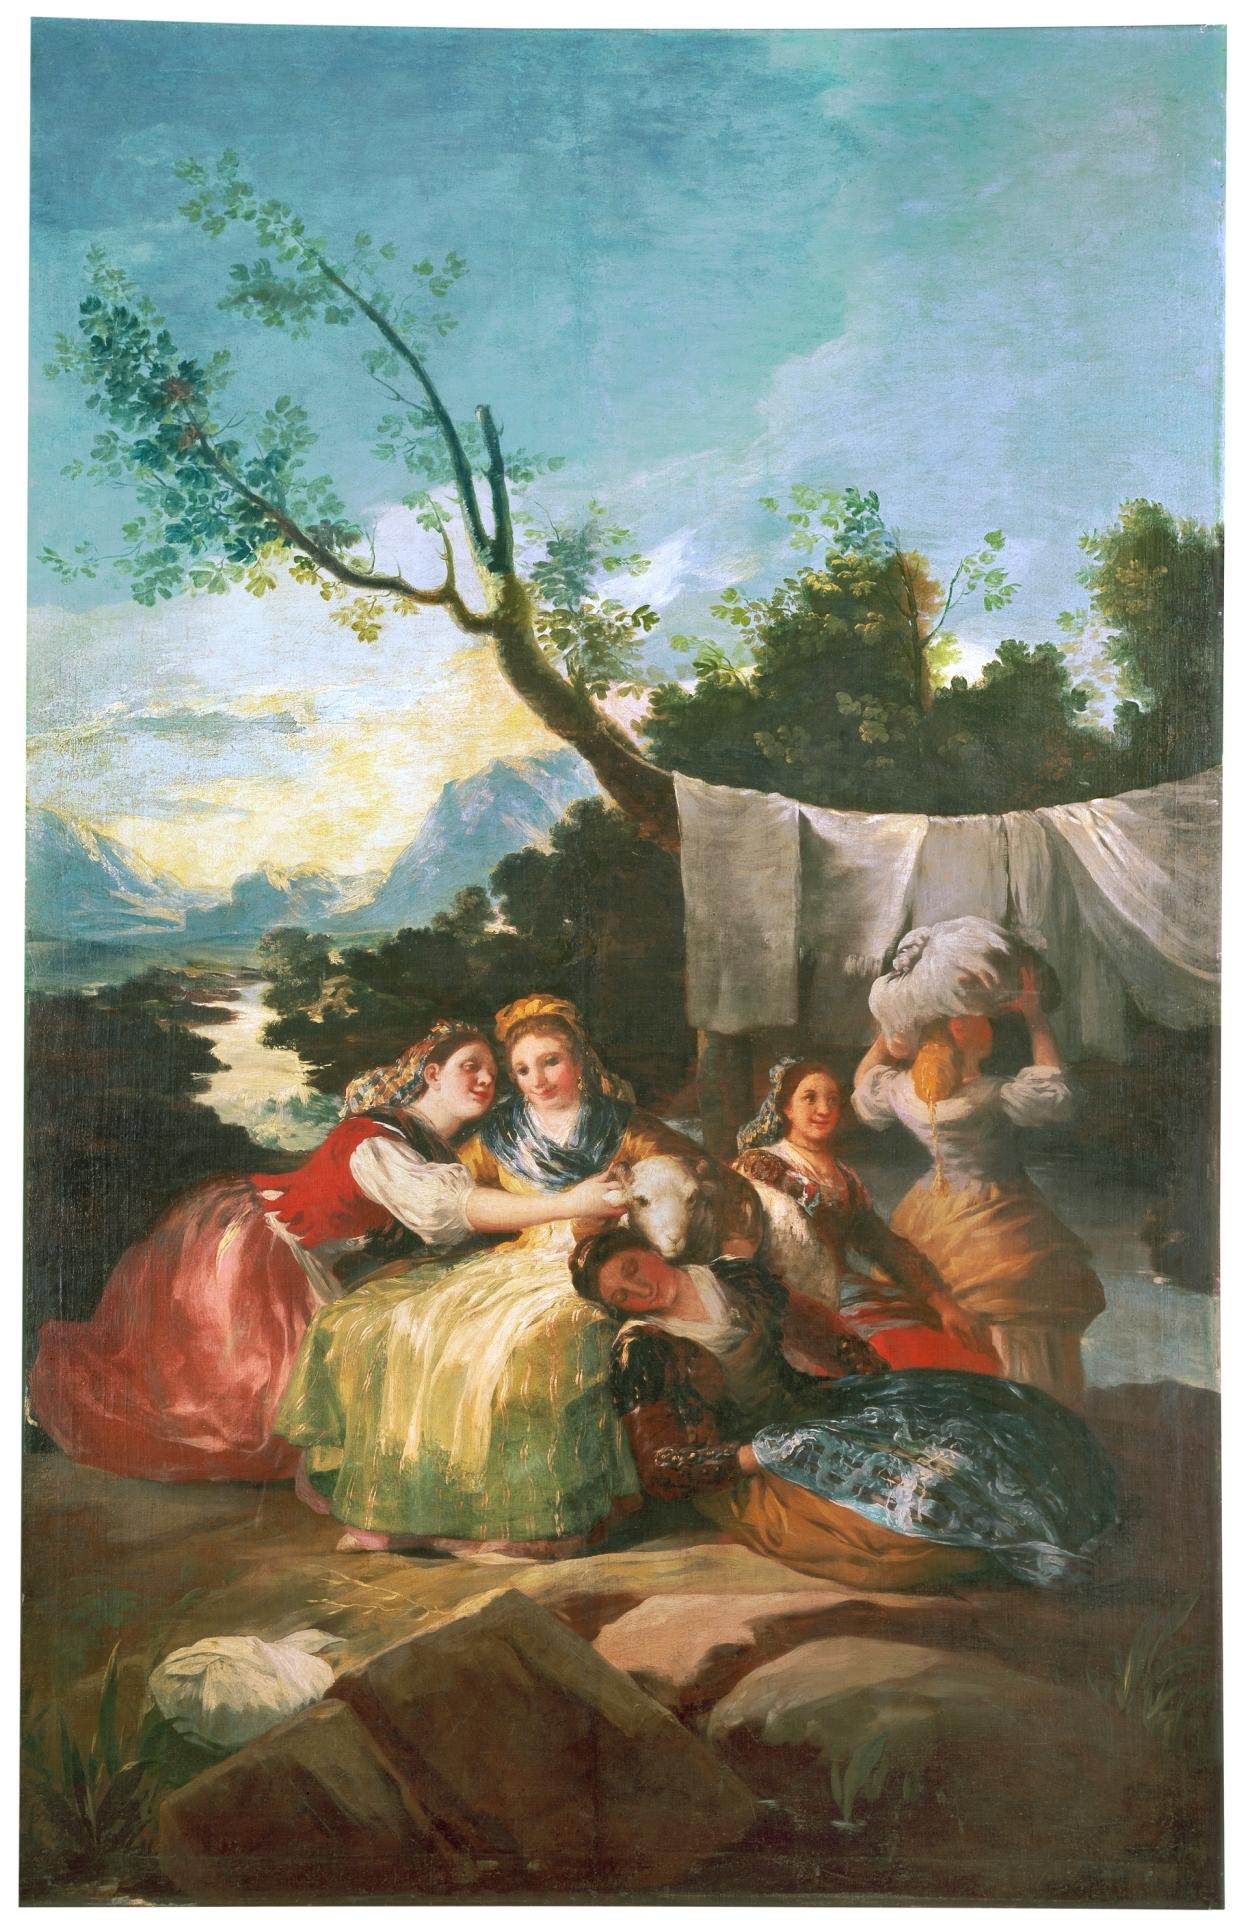 Las lavanderas - Wikipedia, la enciclopedia libre